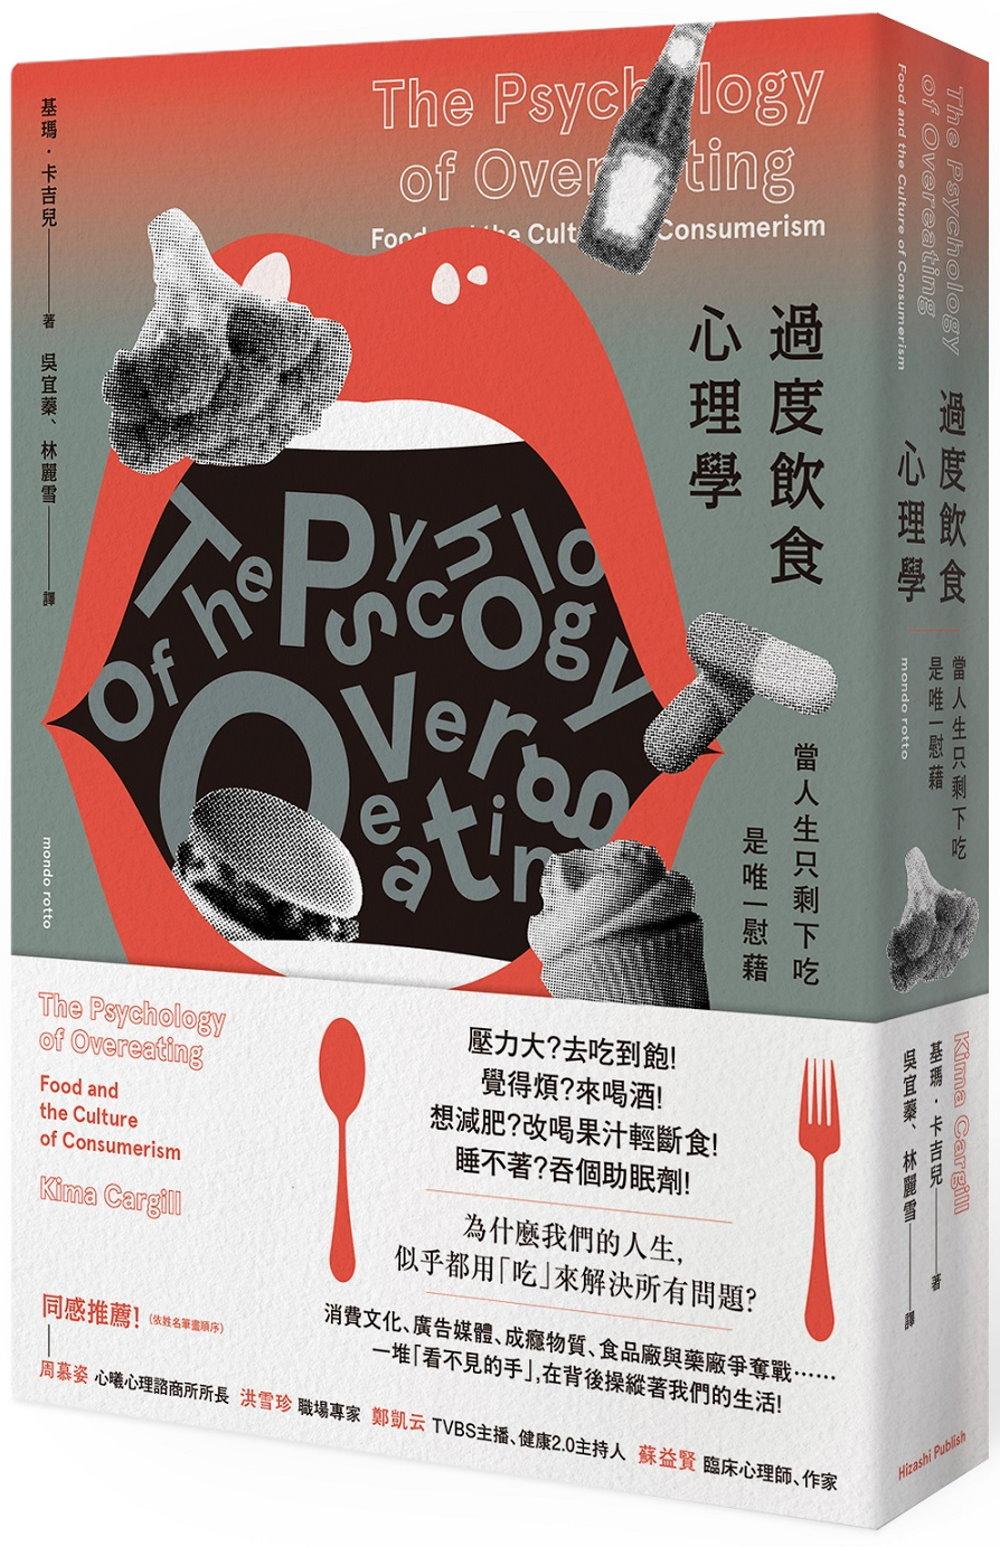 過度飲食心理學:當人生只剩下吃是唯一慰藉